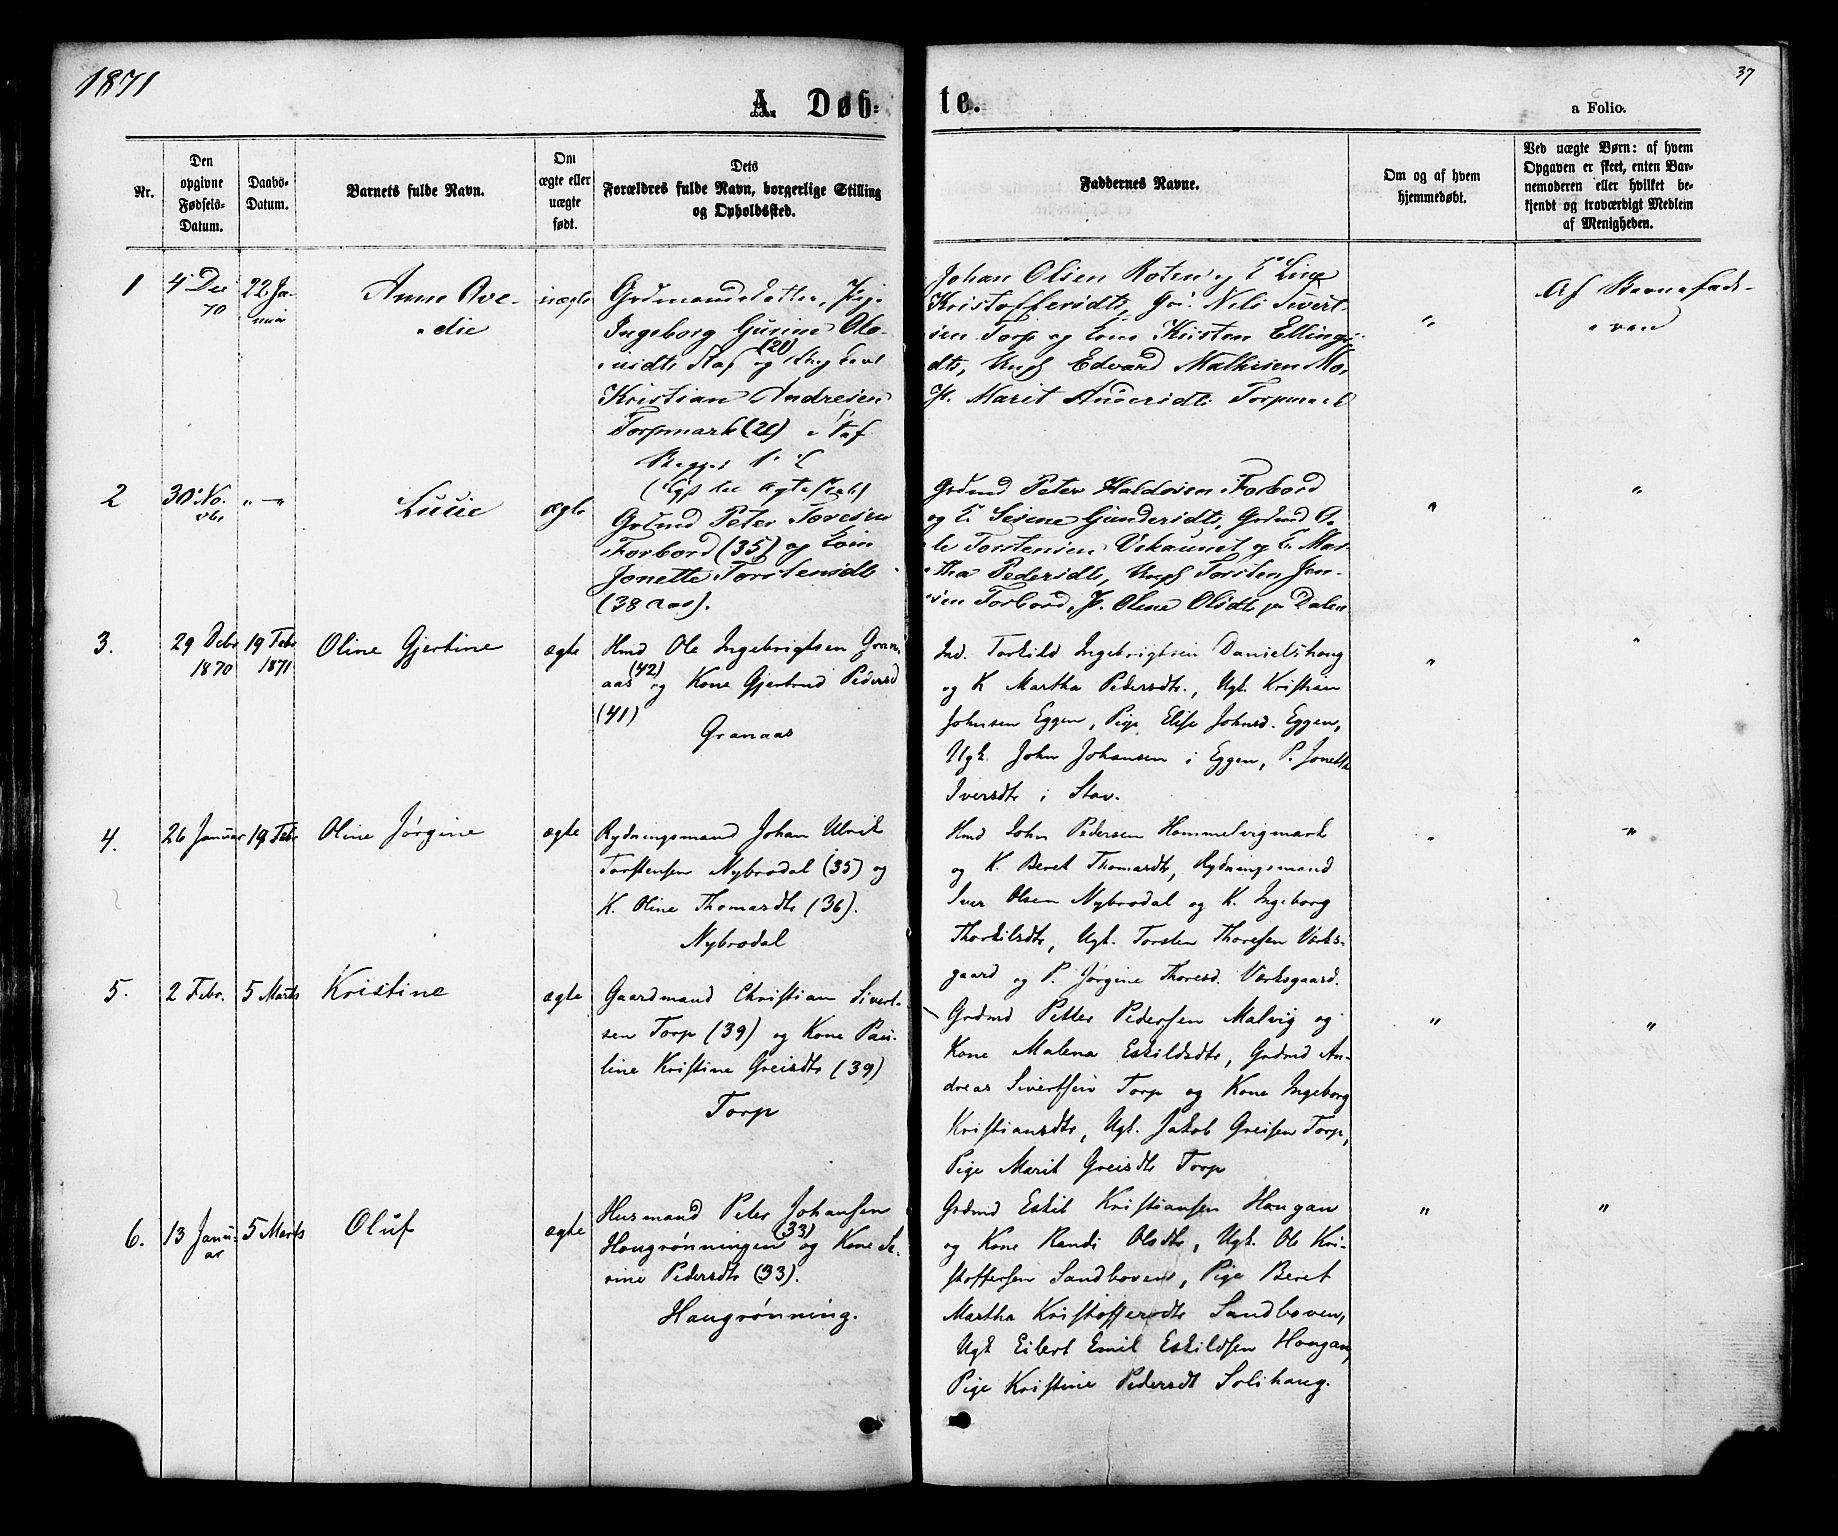 SAT, Ministerialprotokoller, klokkerbøker og fødselsregistre - Sør-Trøndelag, 616/L0409: Ministerialbok nr. 616A06, 1865-1877, s. 37